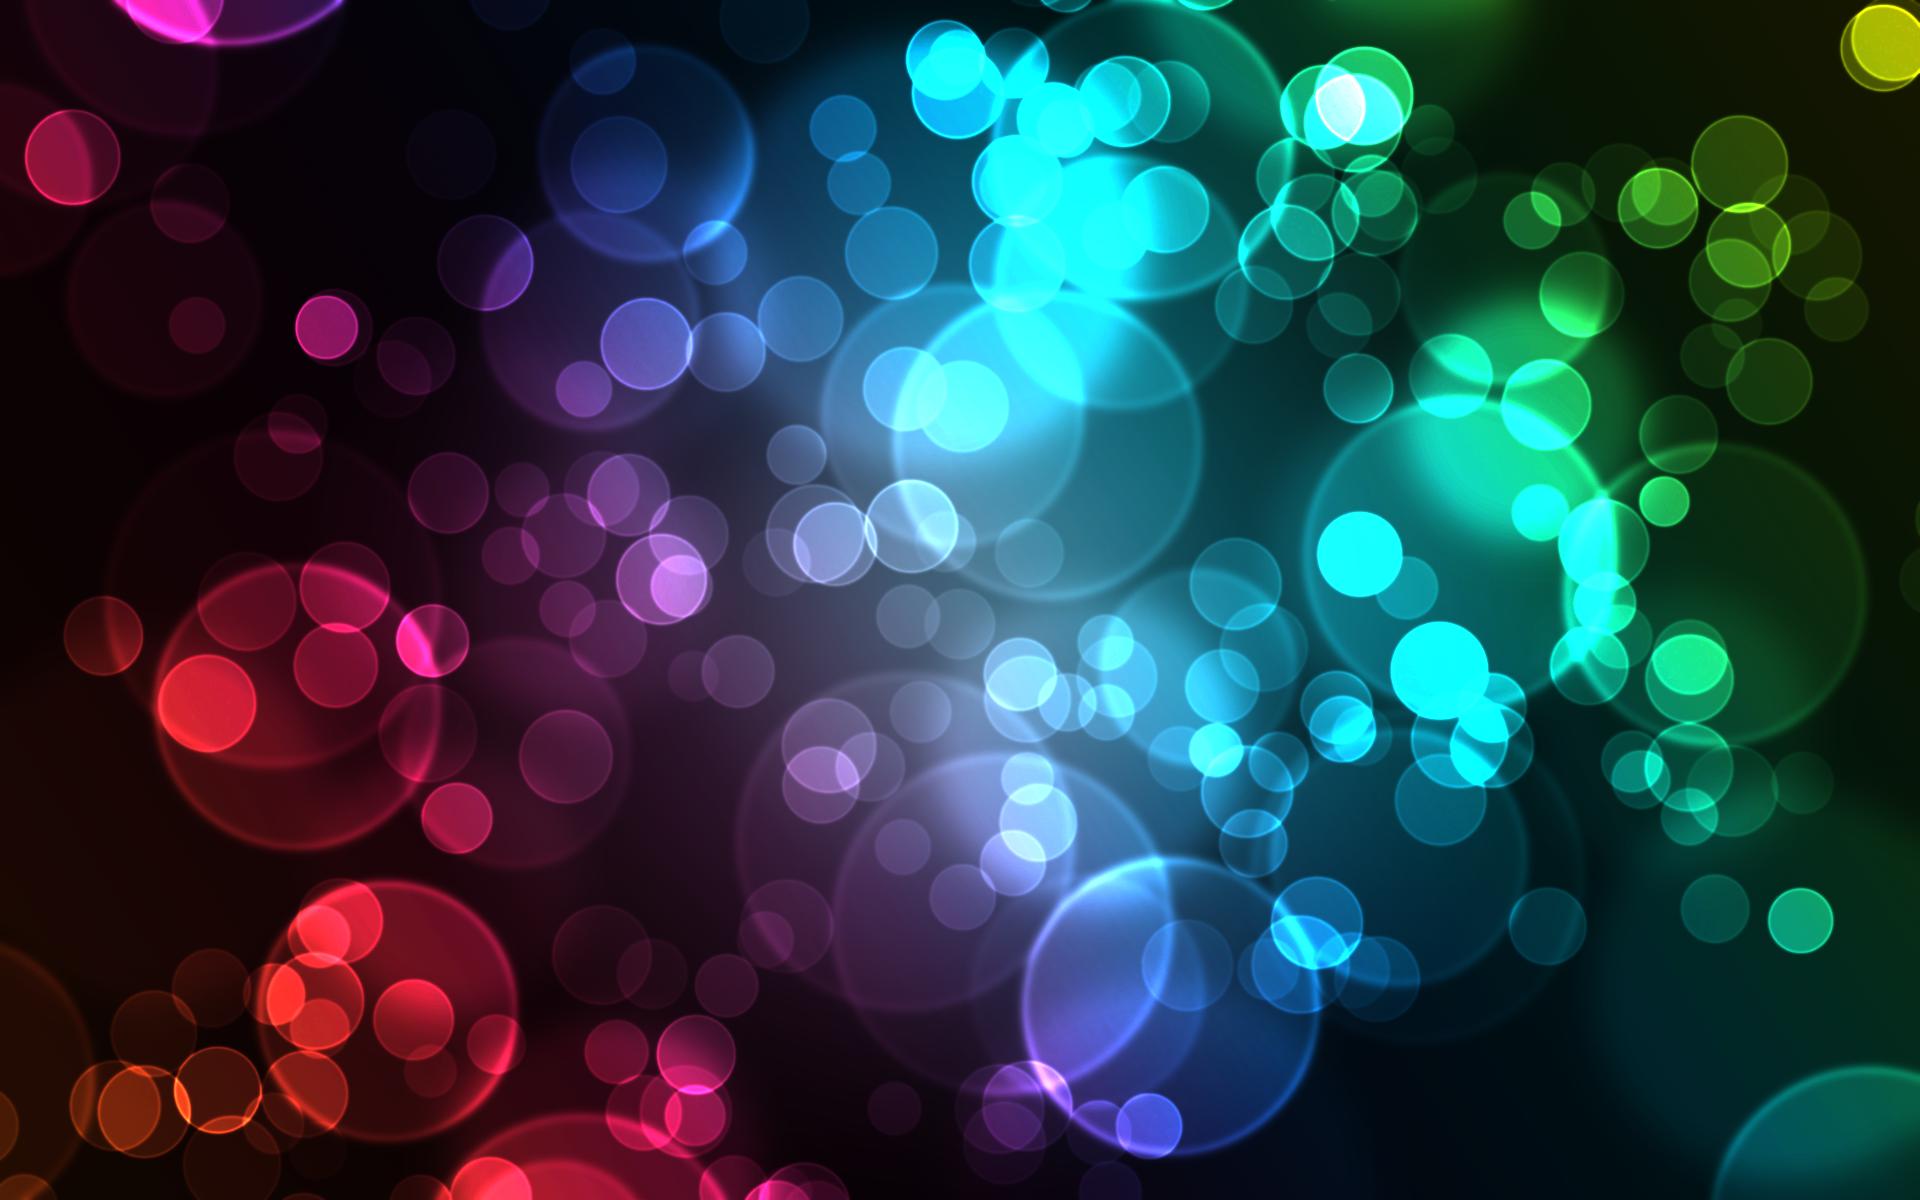 rainbow background free use